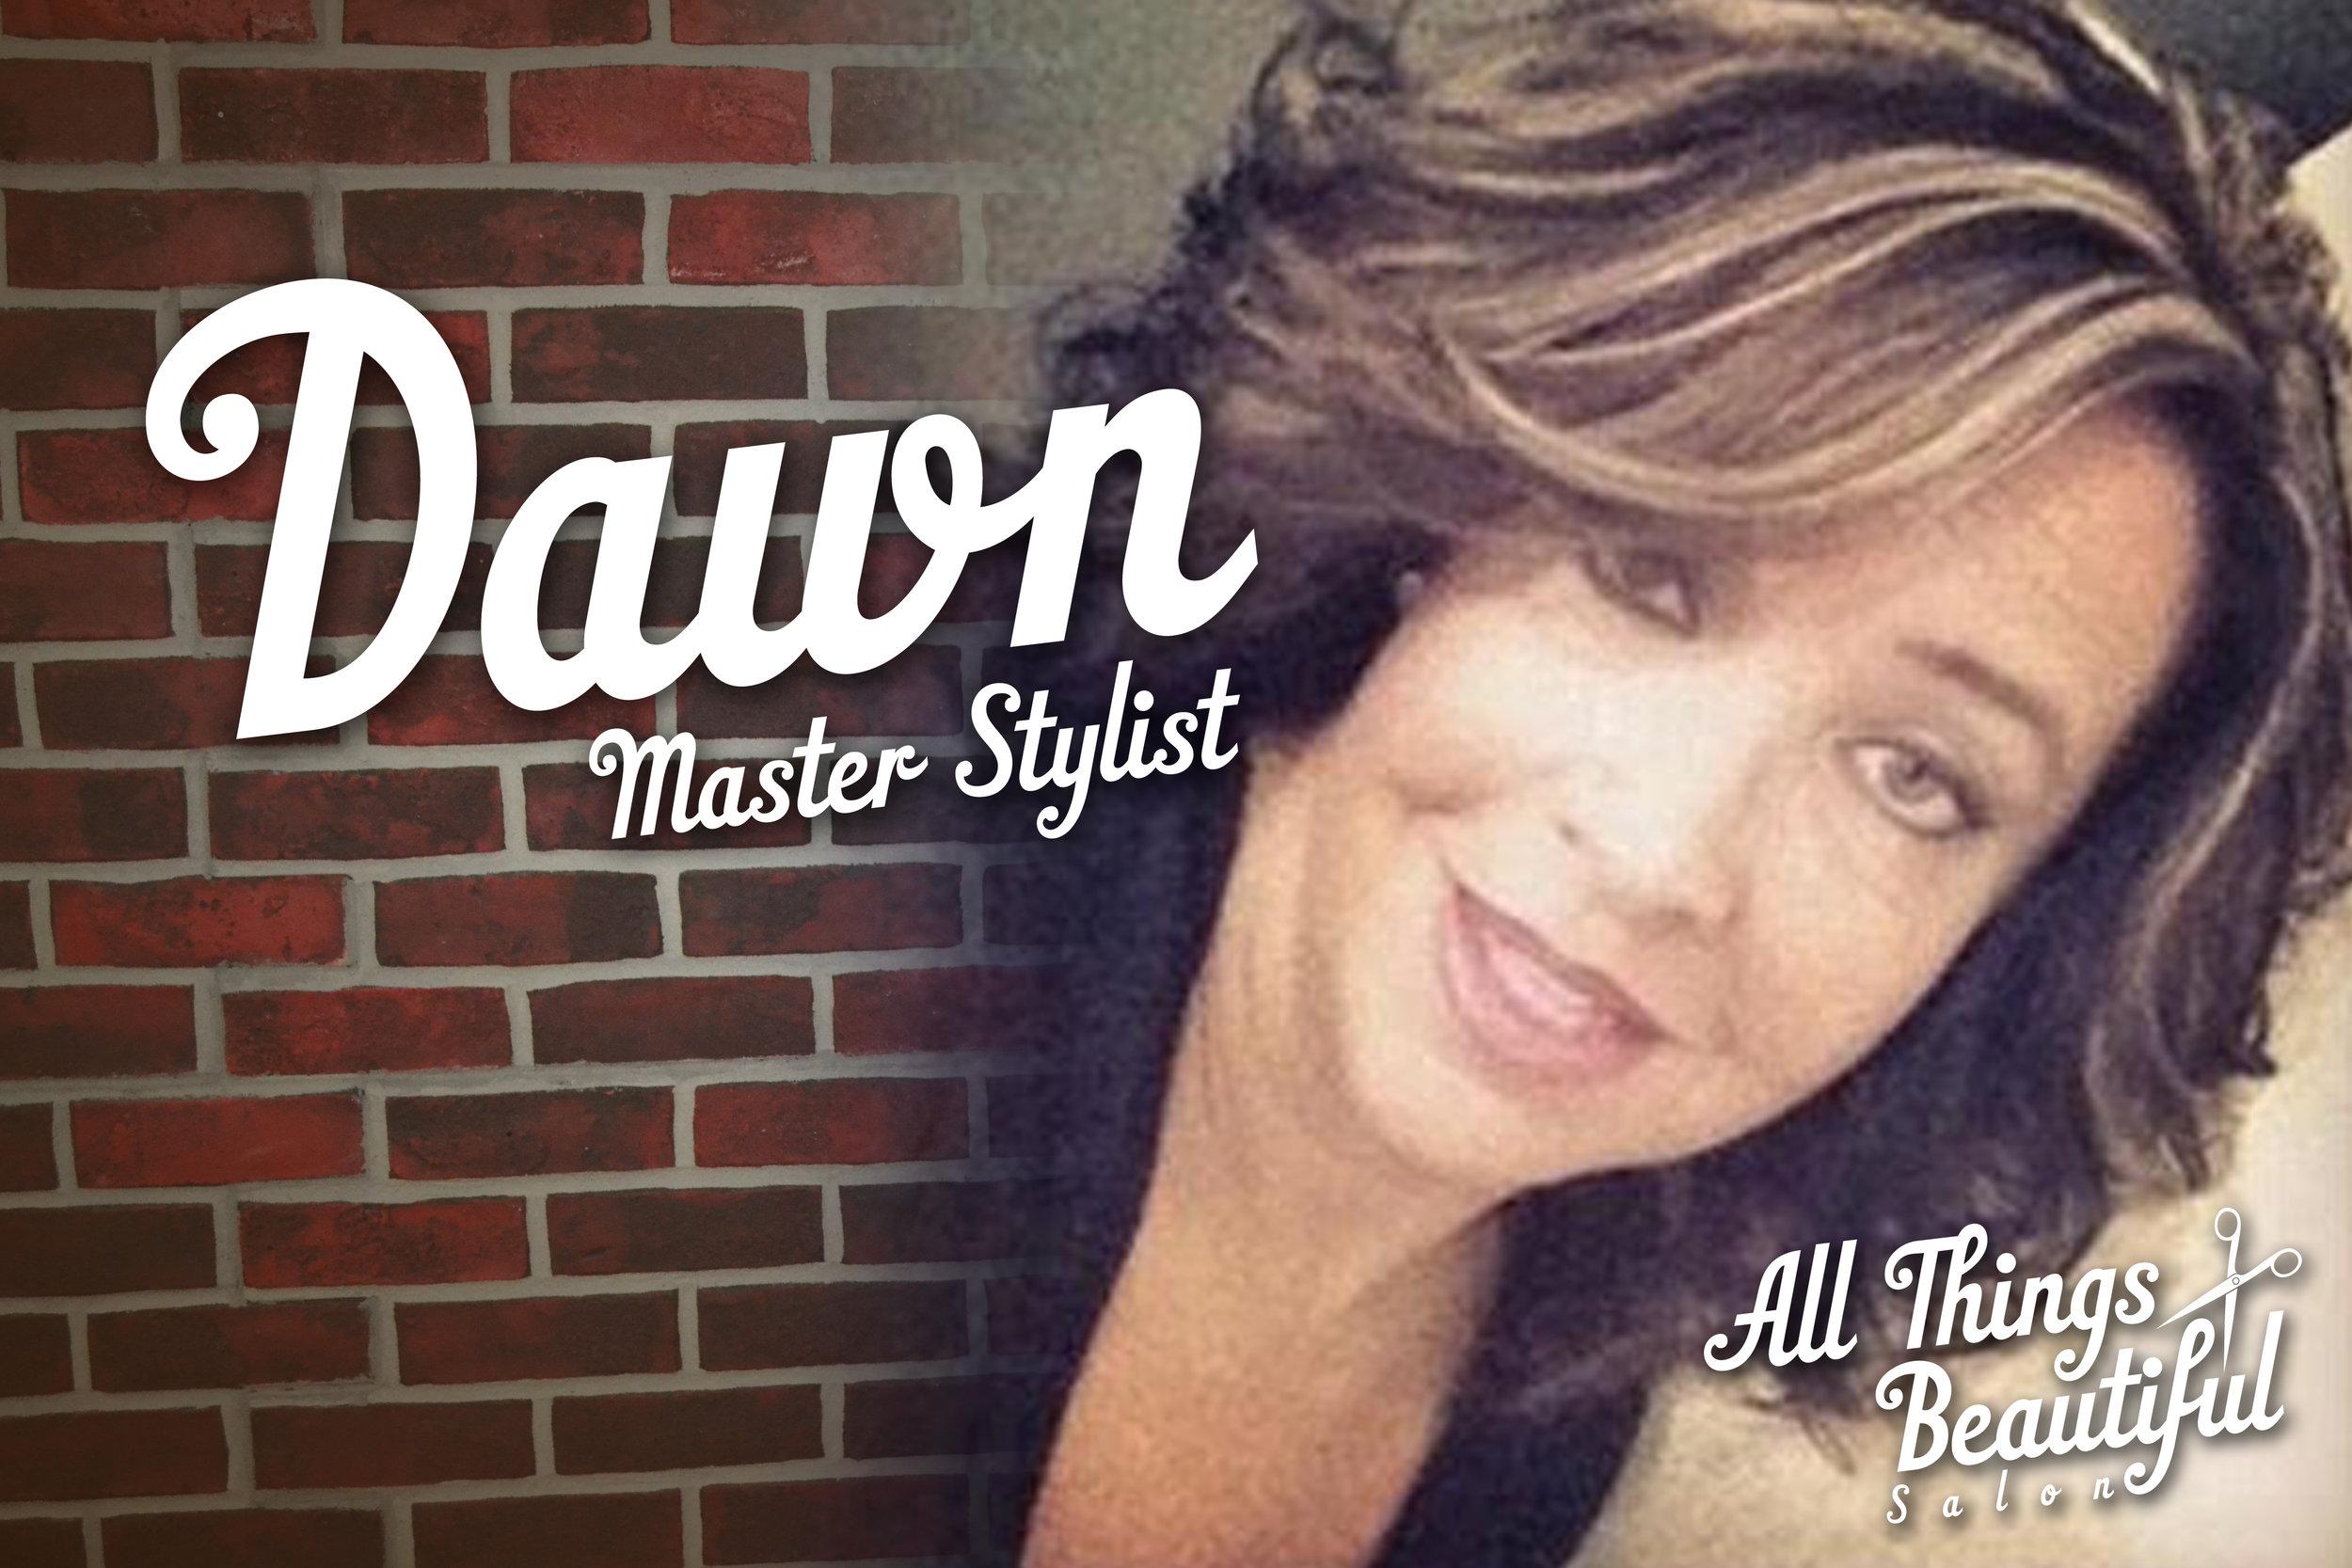 Dawn - Master Stylist